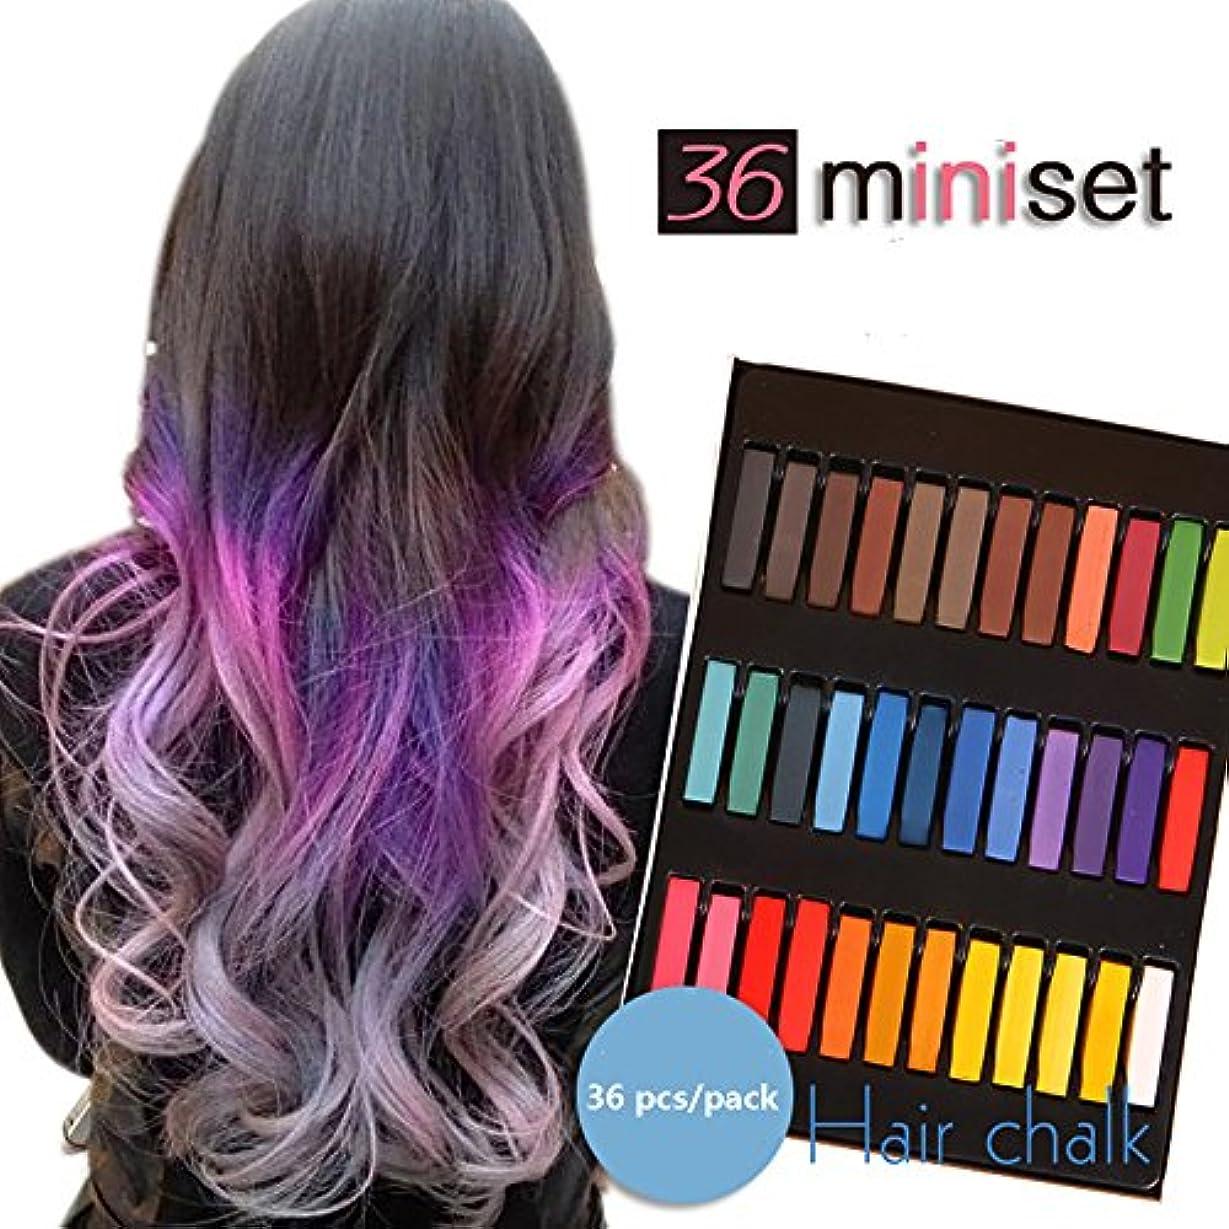 成人期ジャズ手足大ブレイク中!HAIR CHALKIN 選べる 6色/12色/24色/36色 髪専用に開発された安心商品! ヘアチョーク ヘアカラーチョーク 一日だけのヘアカラーでイメチェンが楽しめる!美容室のヘアカラーでは表現しづらい...